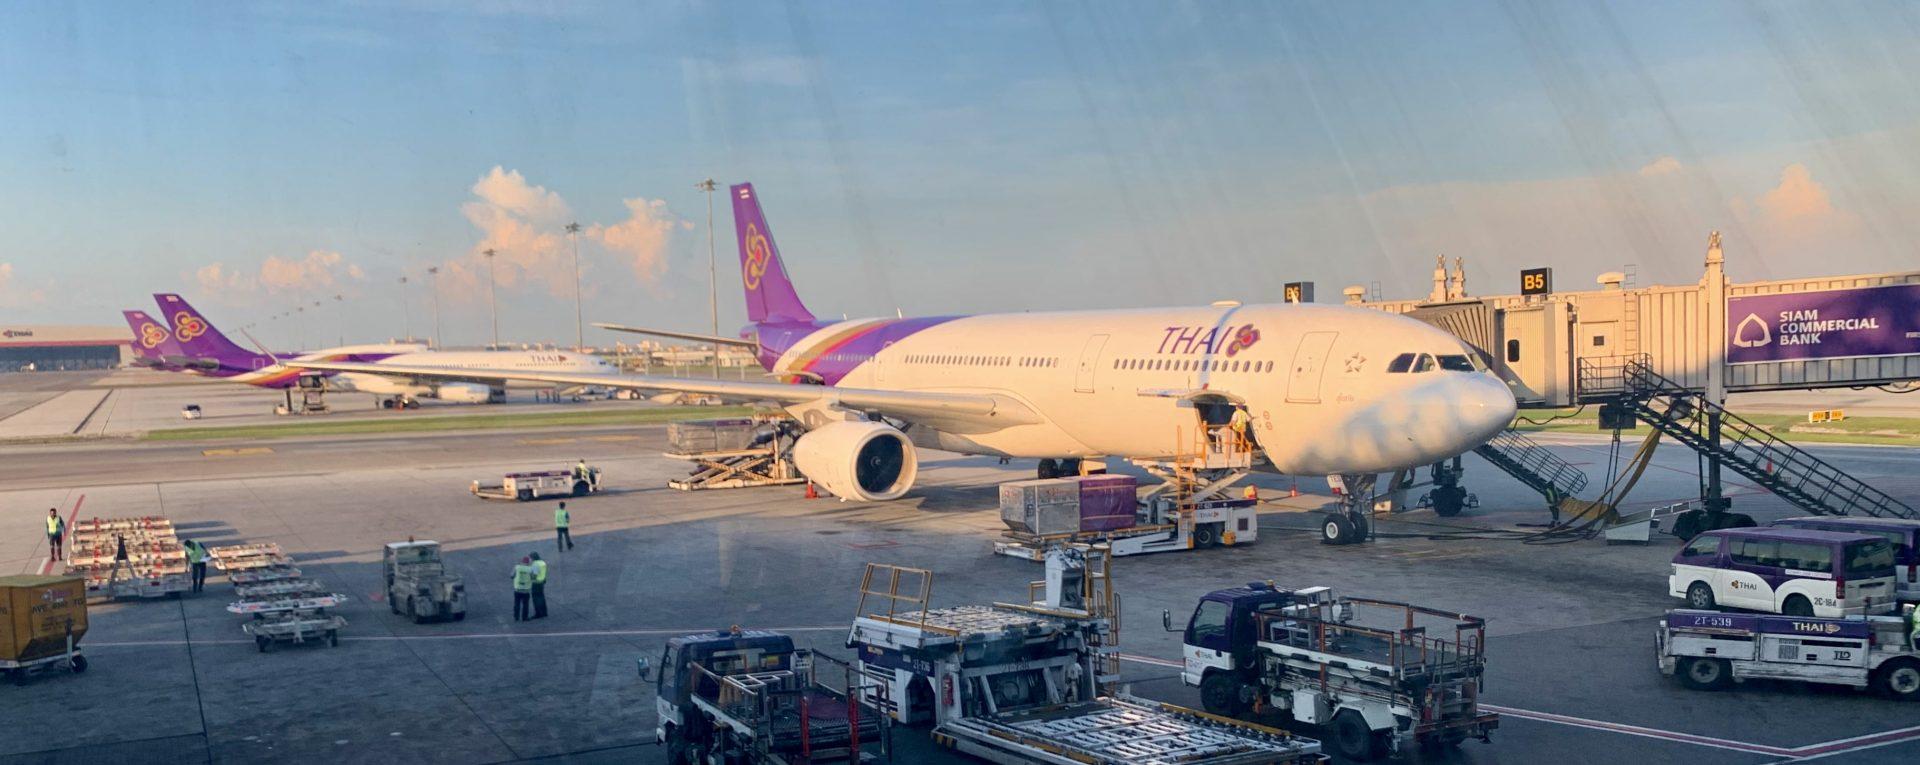 Thai Airways Domestic Business Class im A330